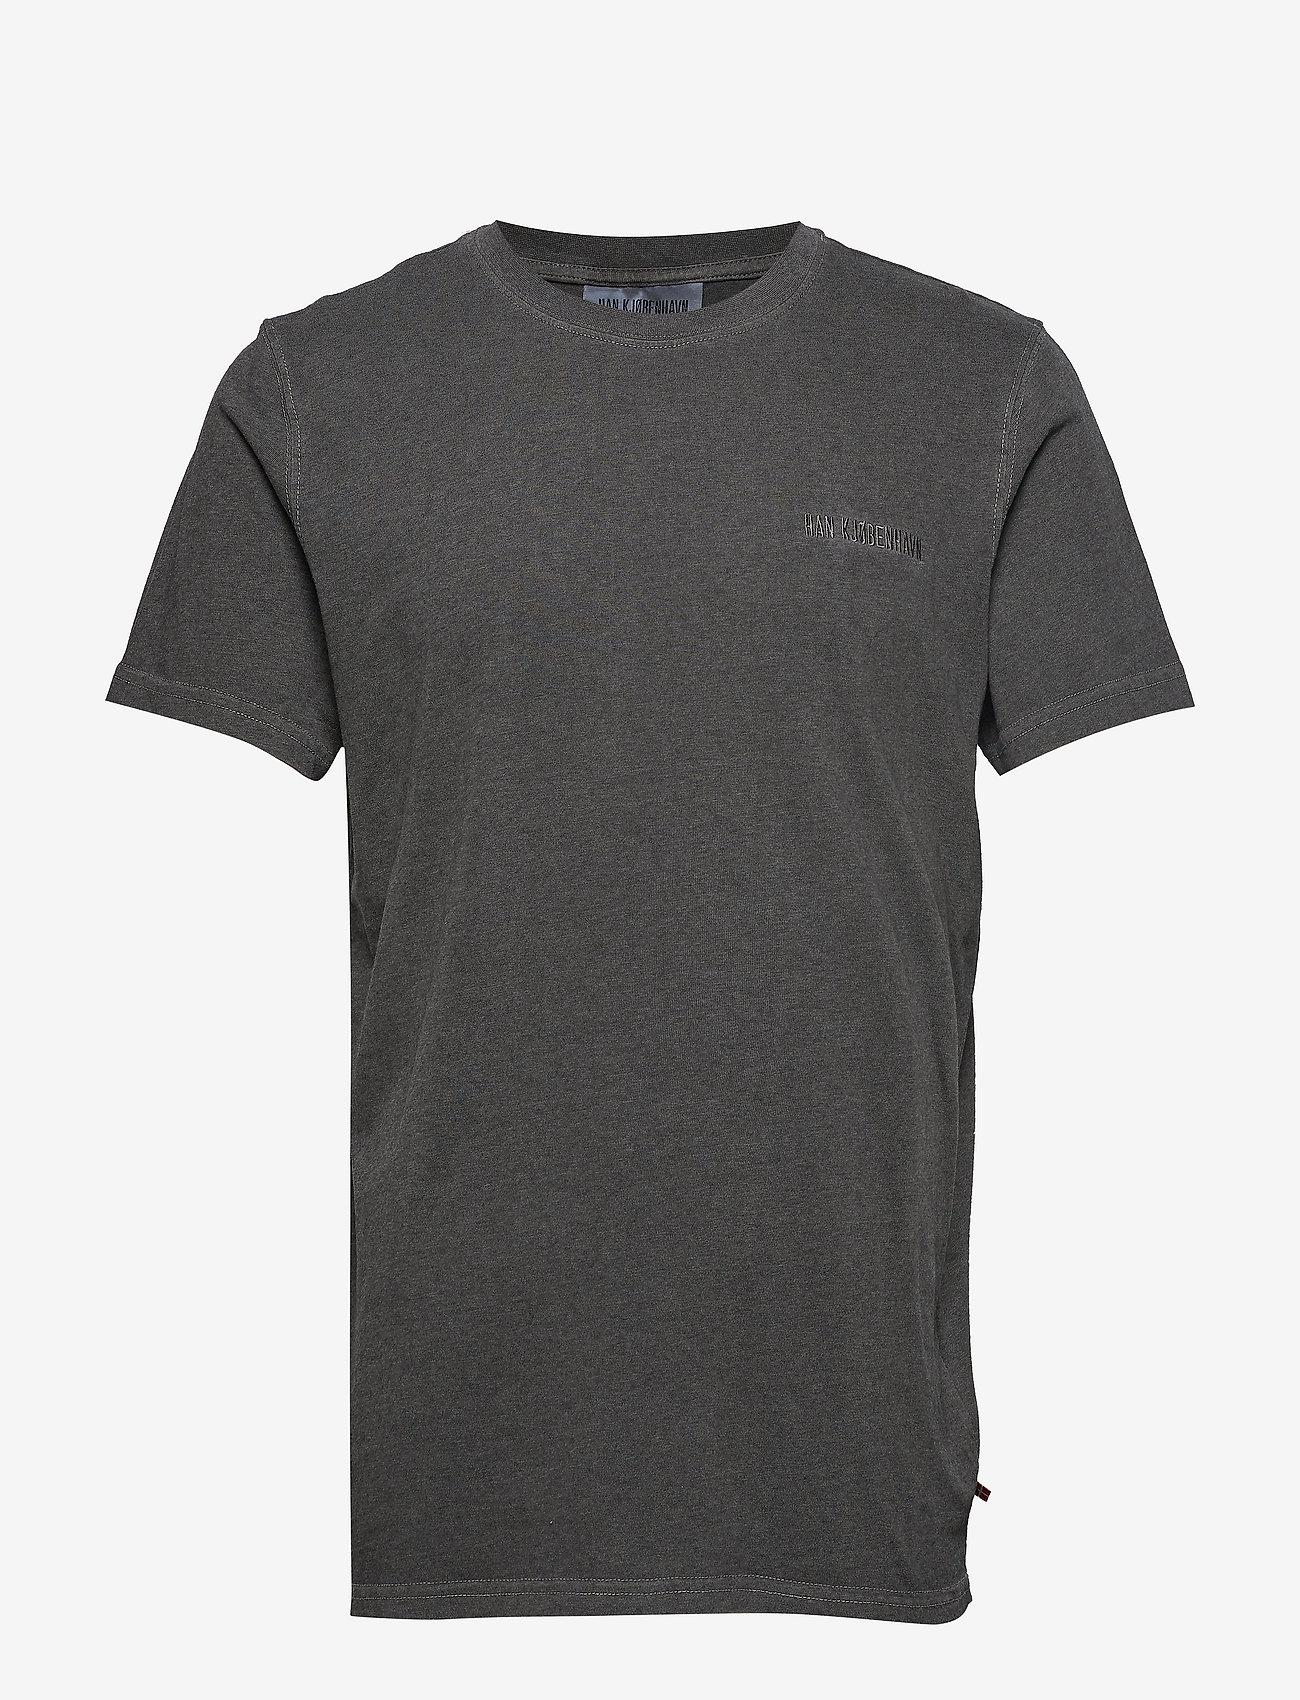 HAN Kjøbenhavn - Casual Tee - basic t-shirts - dark grey - 1